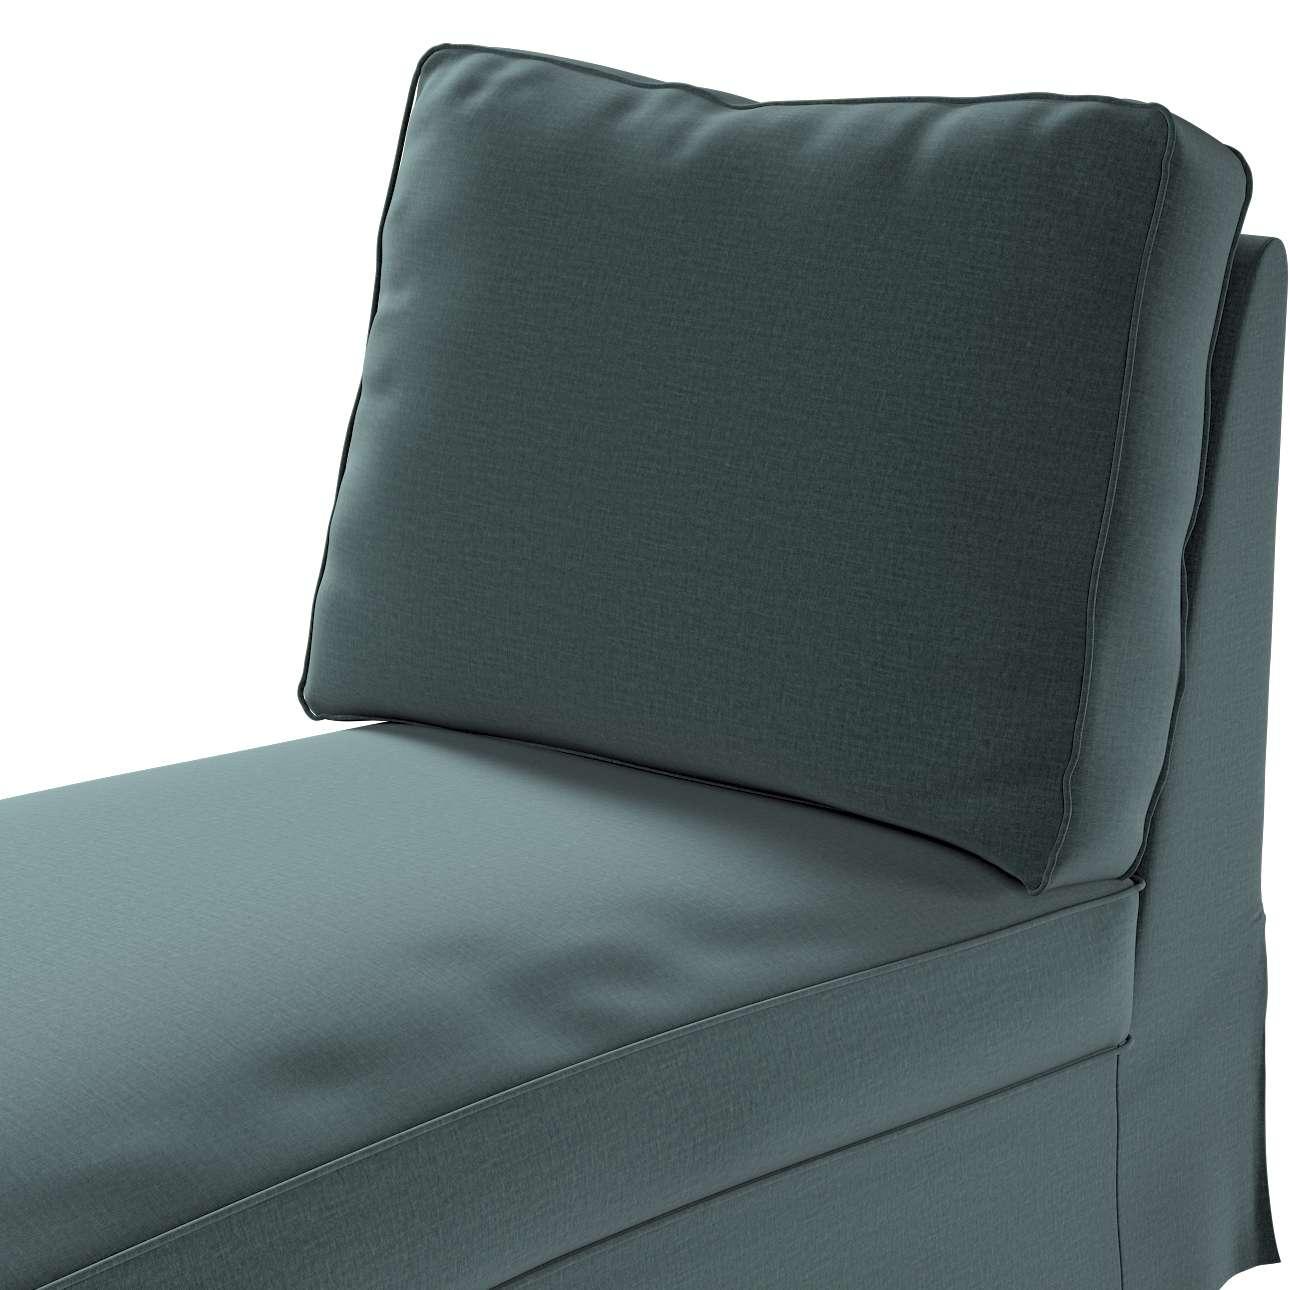 Pokrowiec na szezlong/ leżankę Ektorp wolnostojący prosty tył w kolekcji Ingrid, tkanina: 705-36